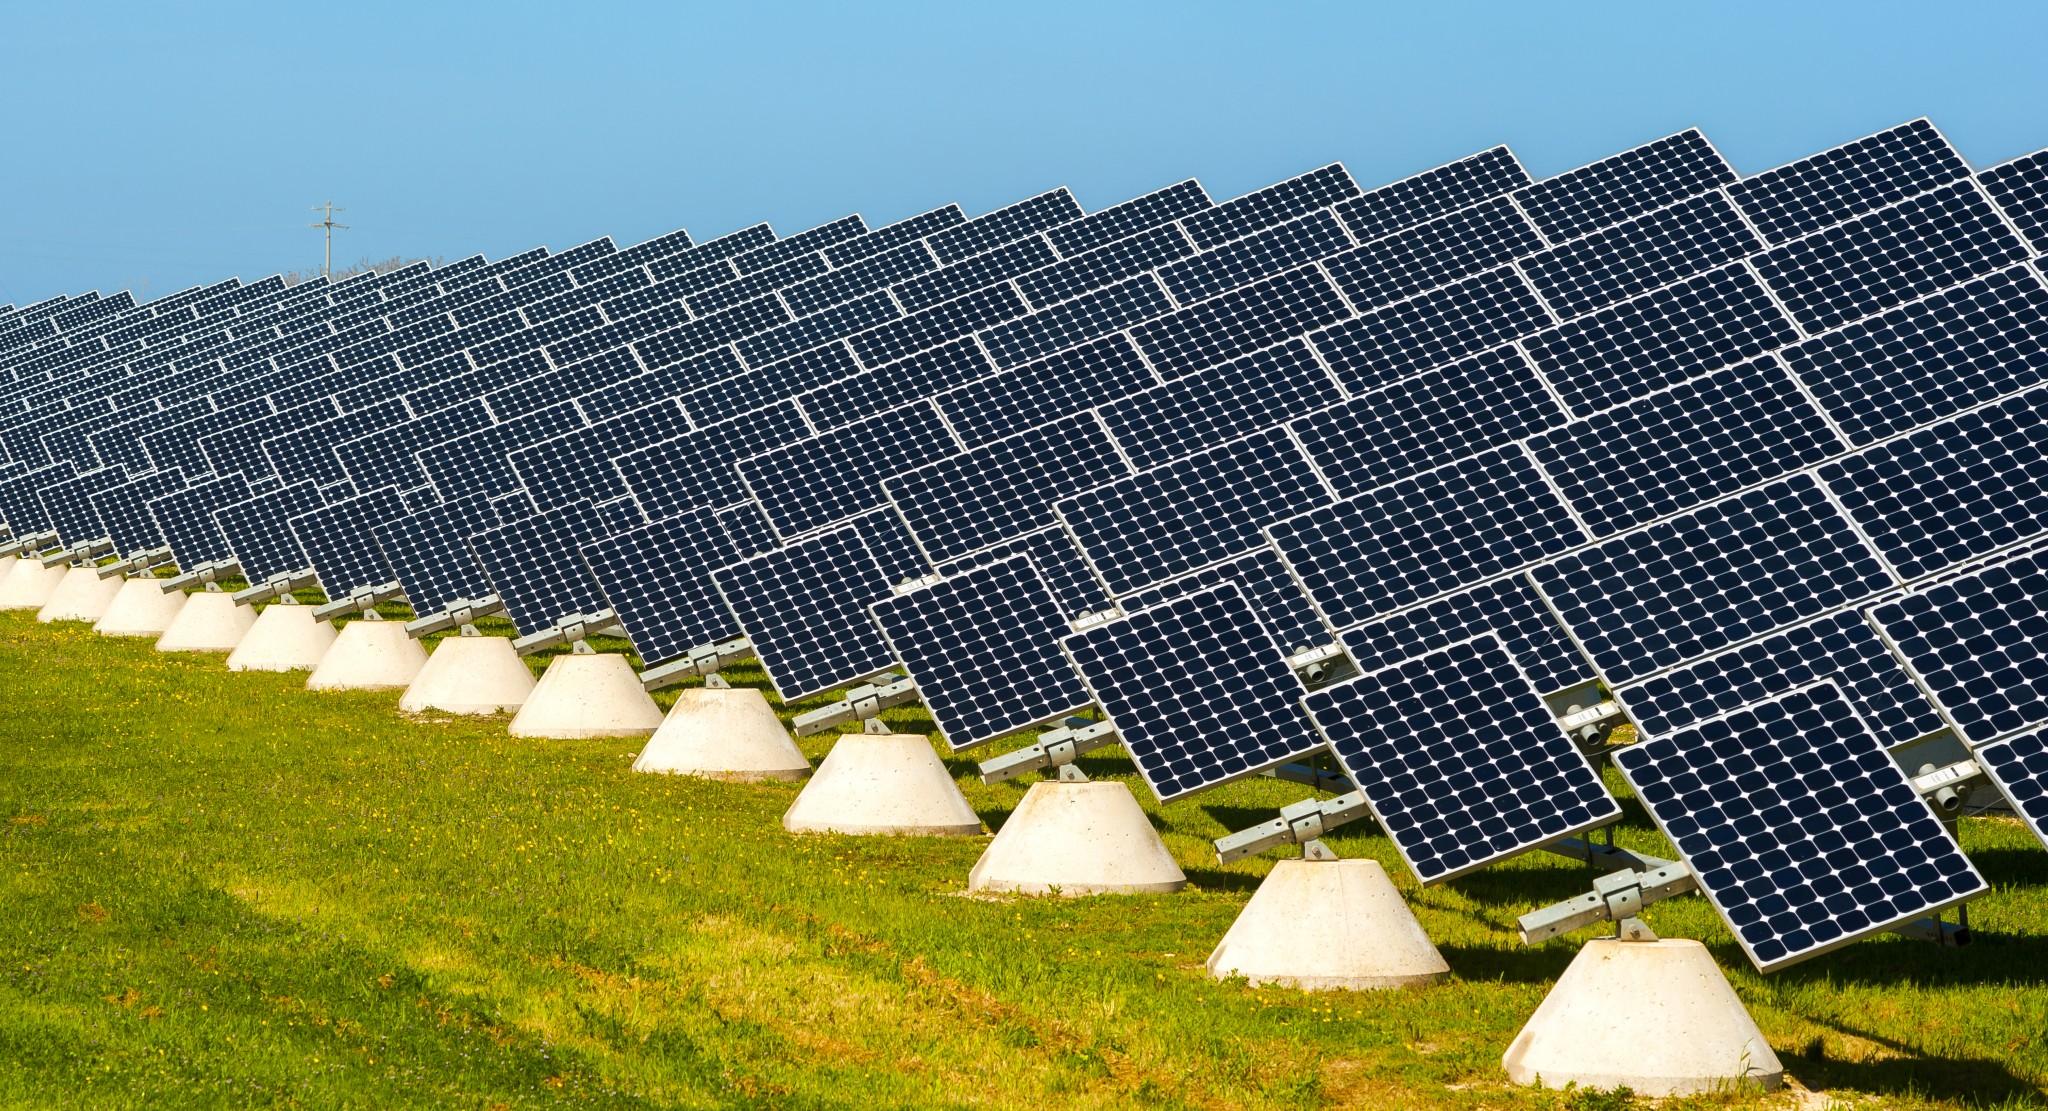 Está em desenvolvimento uma usina de Energia Renovável na América Latina